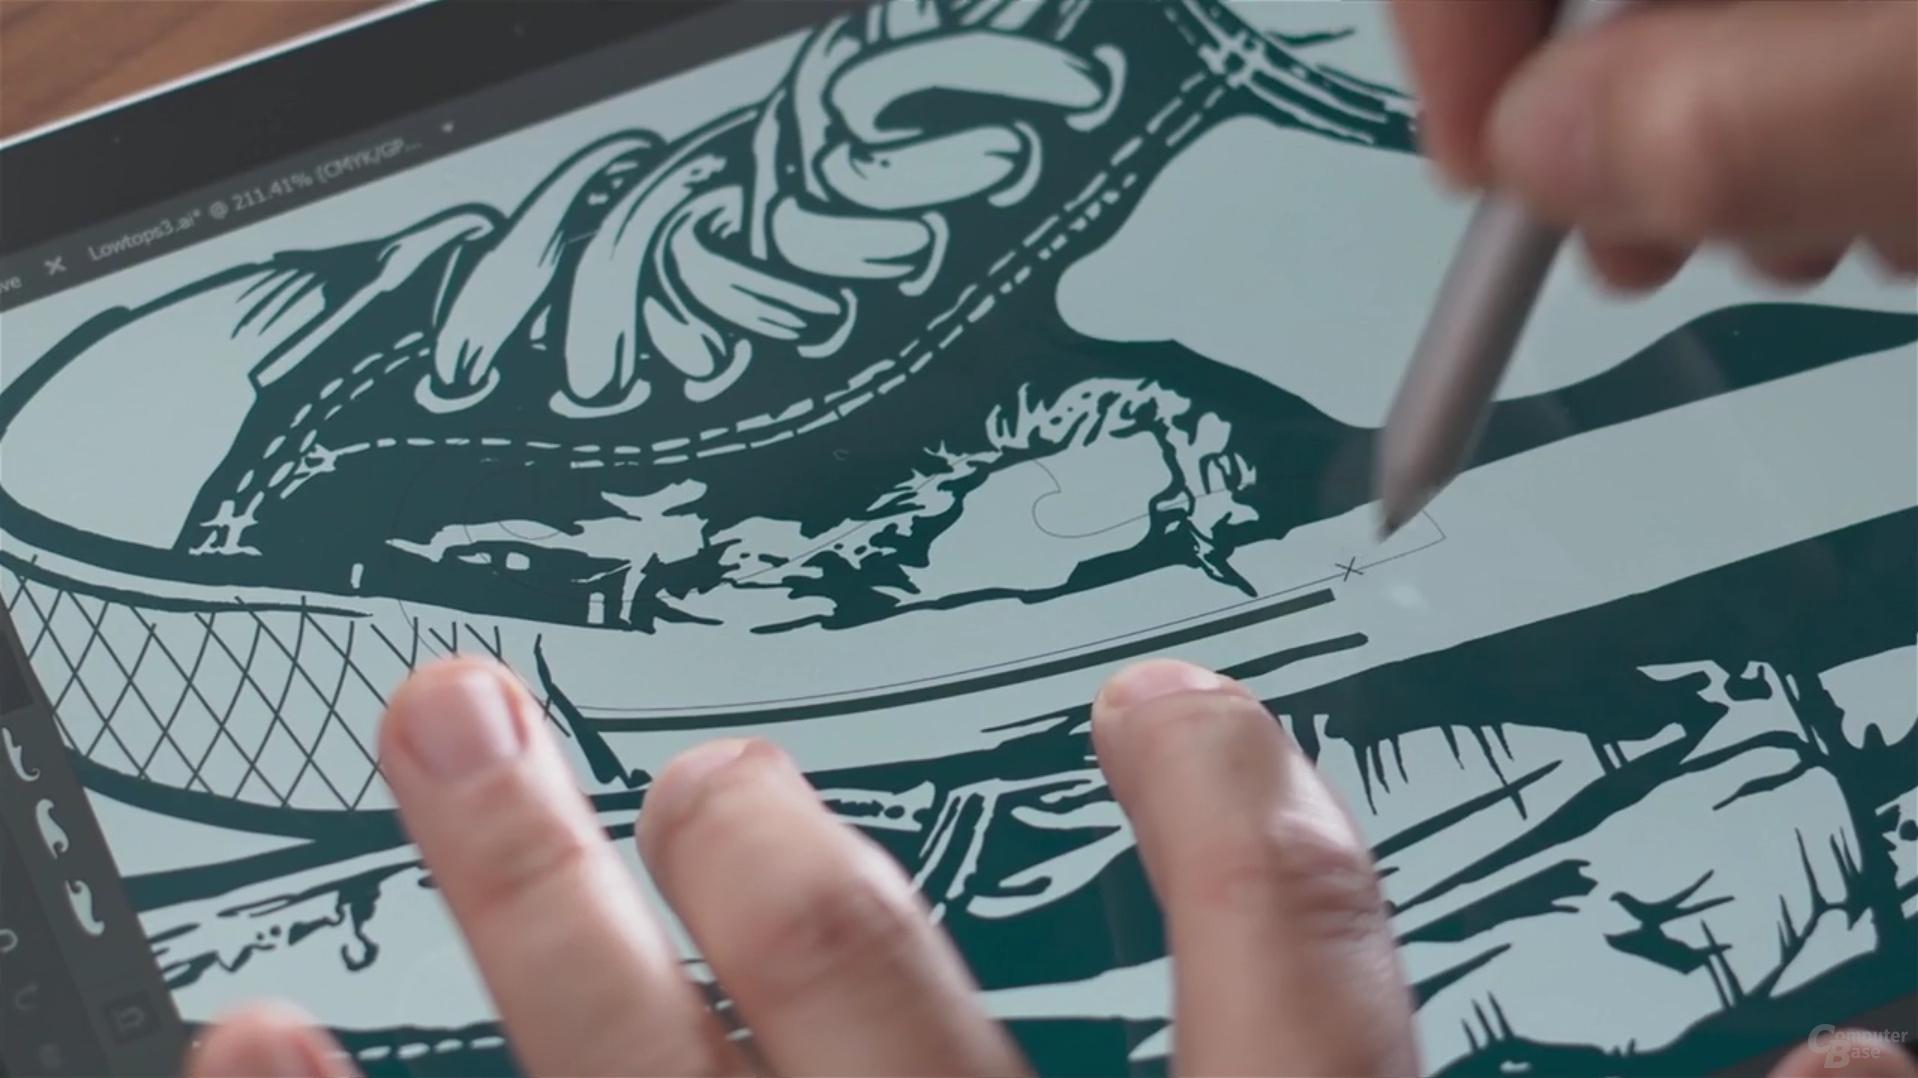 Anniversary Update: Touch-Eingabe und Stiftnutzung gleichzeitig